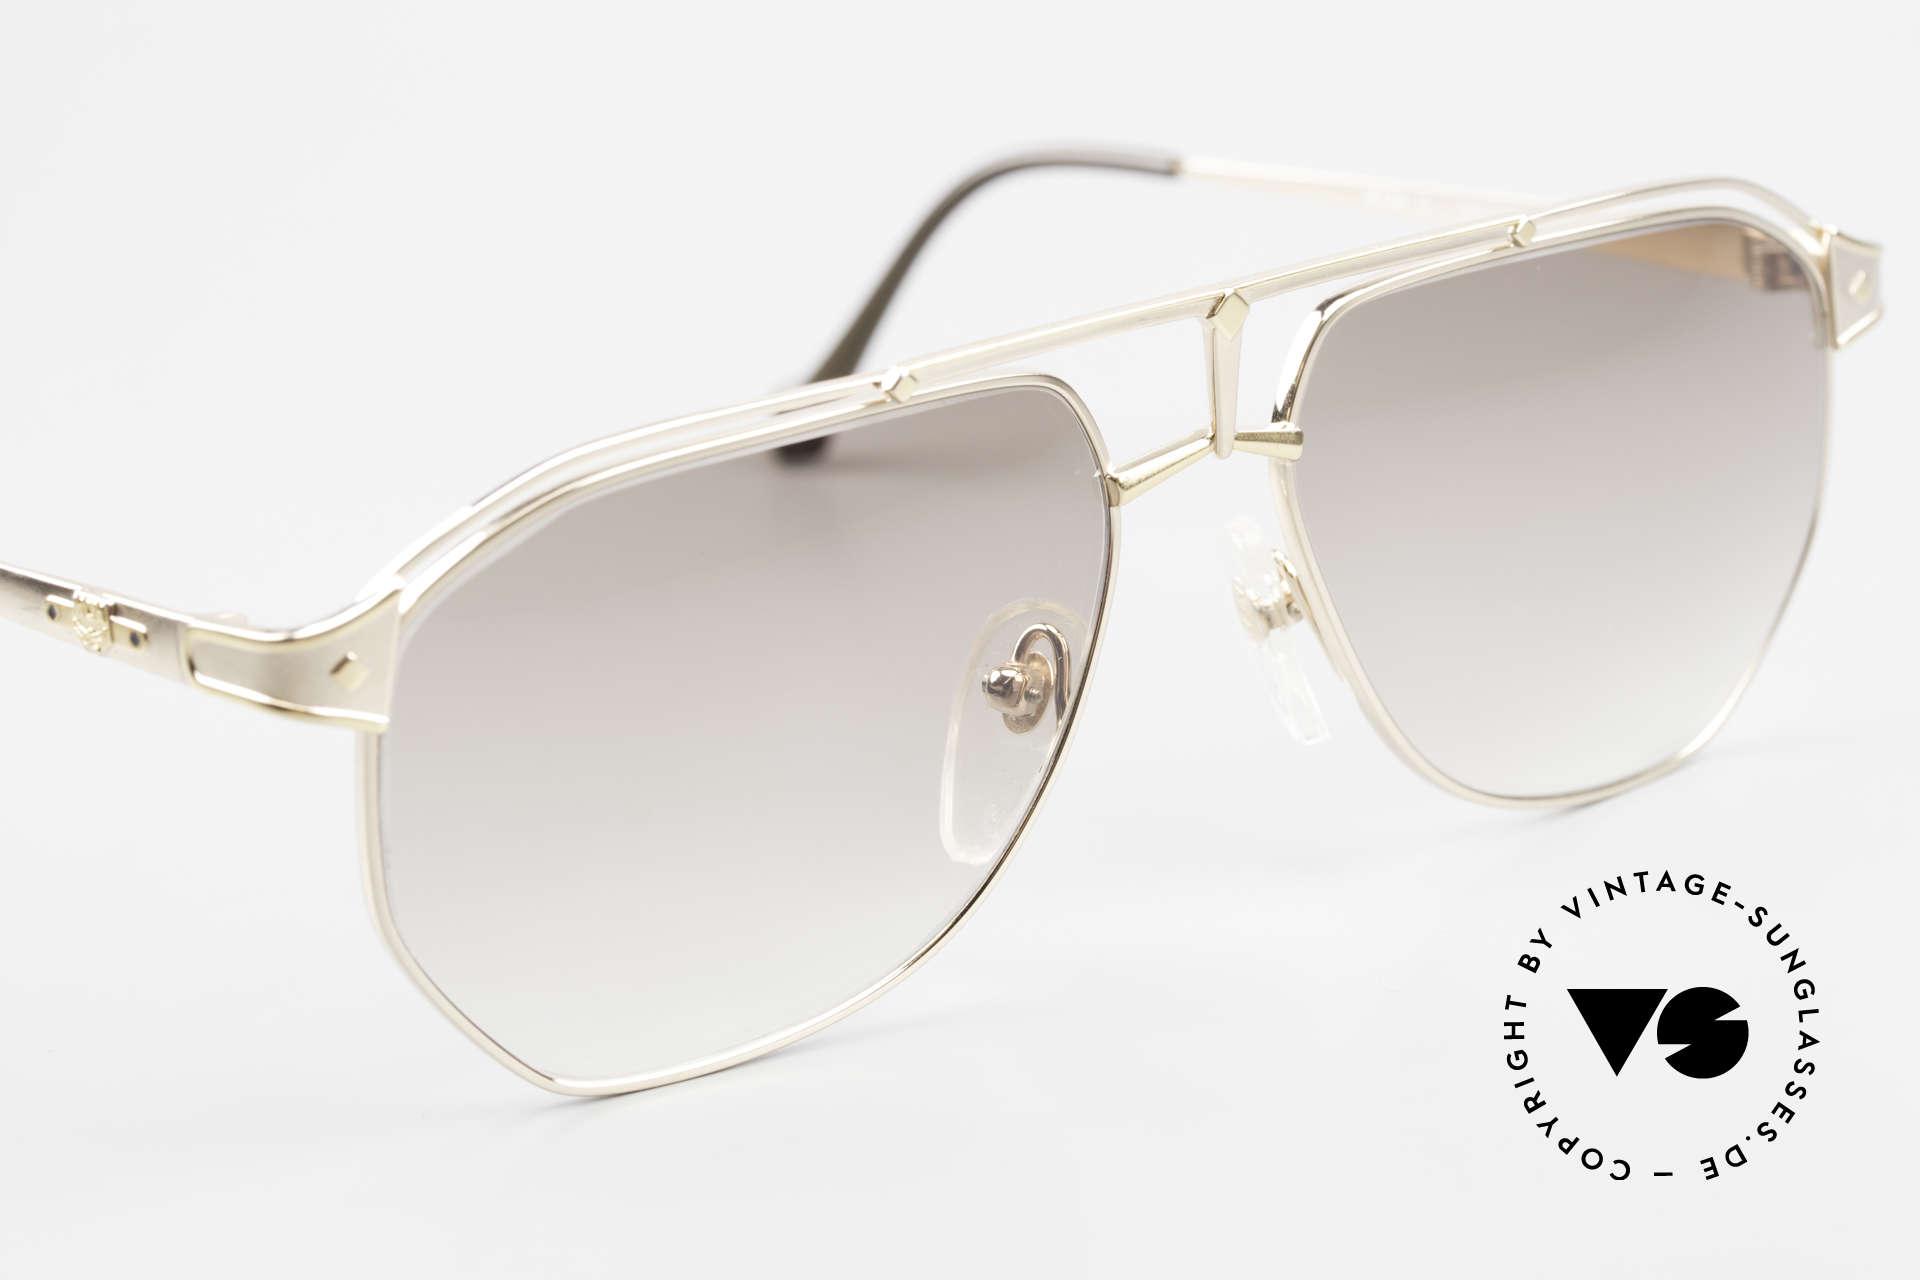 MCM München 6 XL Luxus Sonnenbrille 90er, Michael Cromer (MC), München (M) Luxus-Brille, Passend für Herren